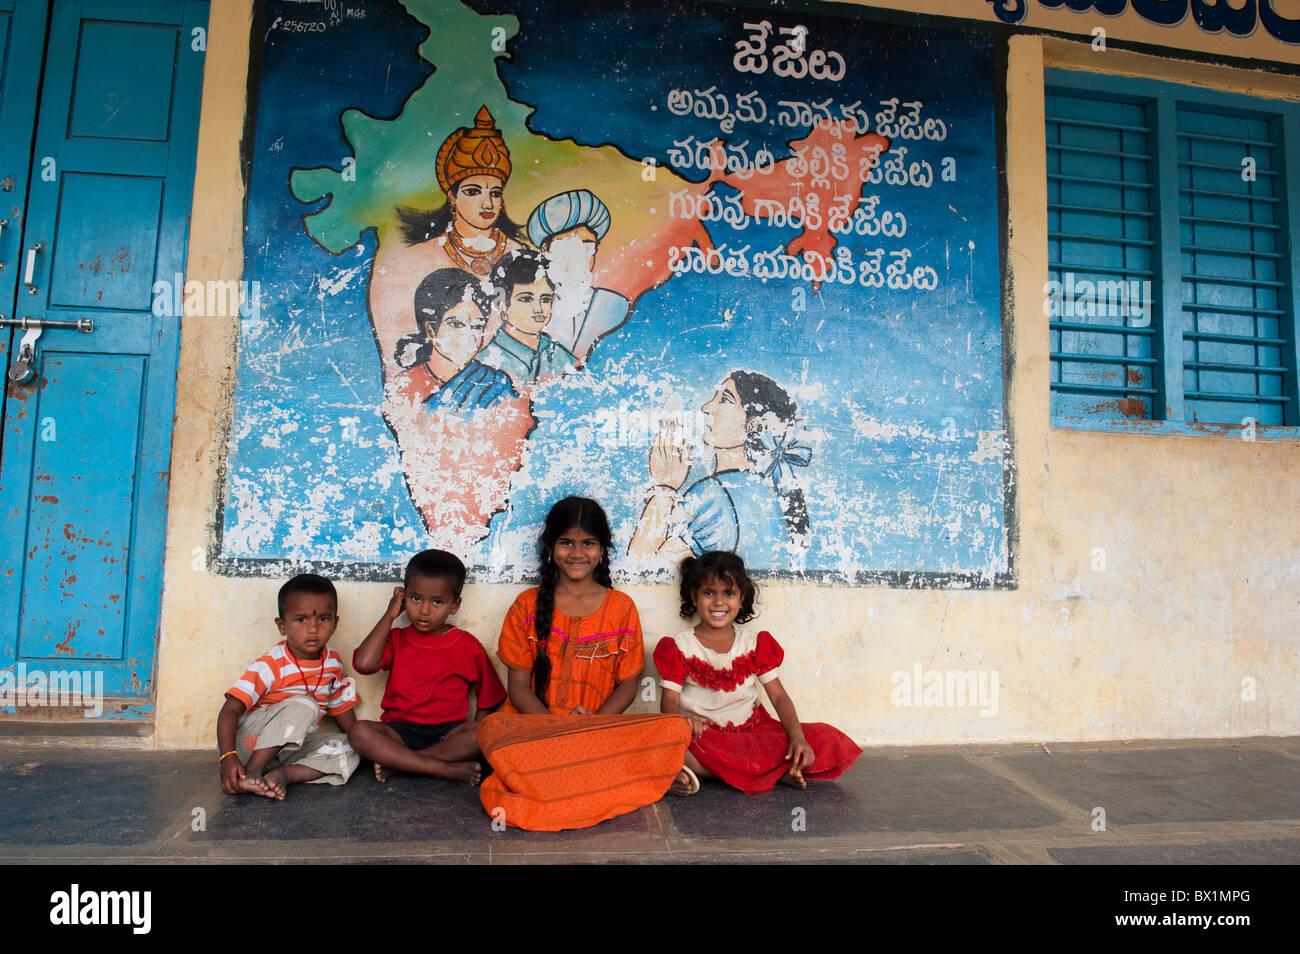 Les enfants indiens assis en face d'une carte colorée de l'inde la peinture sur un bâtiment indien, Photo Stock